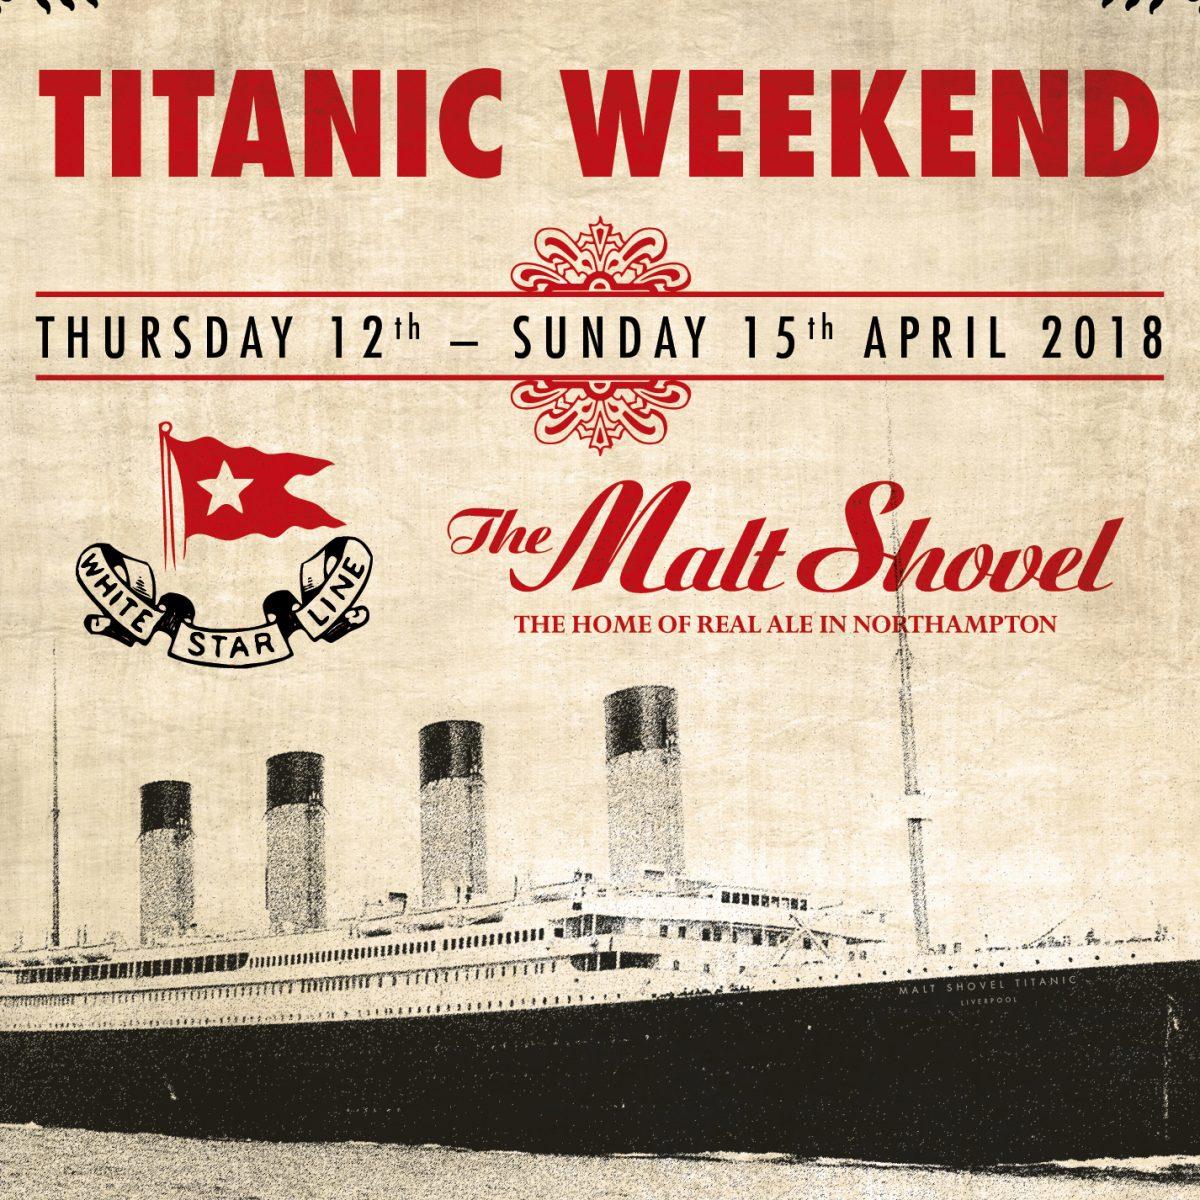 Titanic Weekend